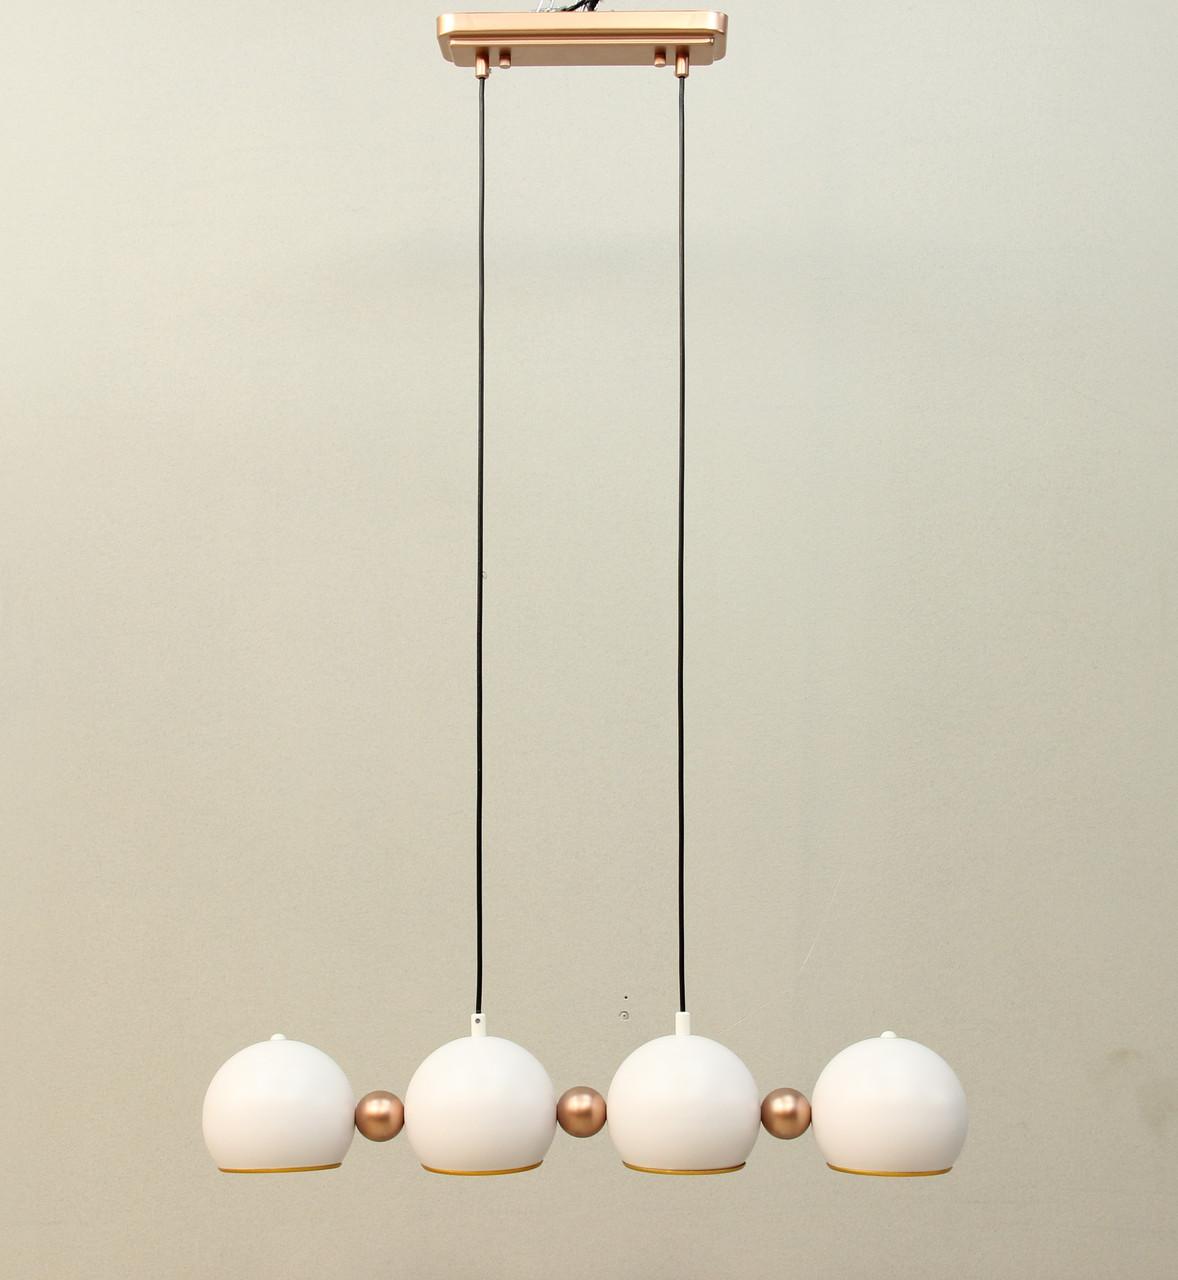 LOFT светильник белый на 4 плафона